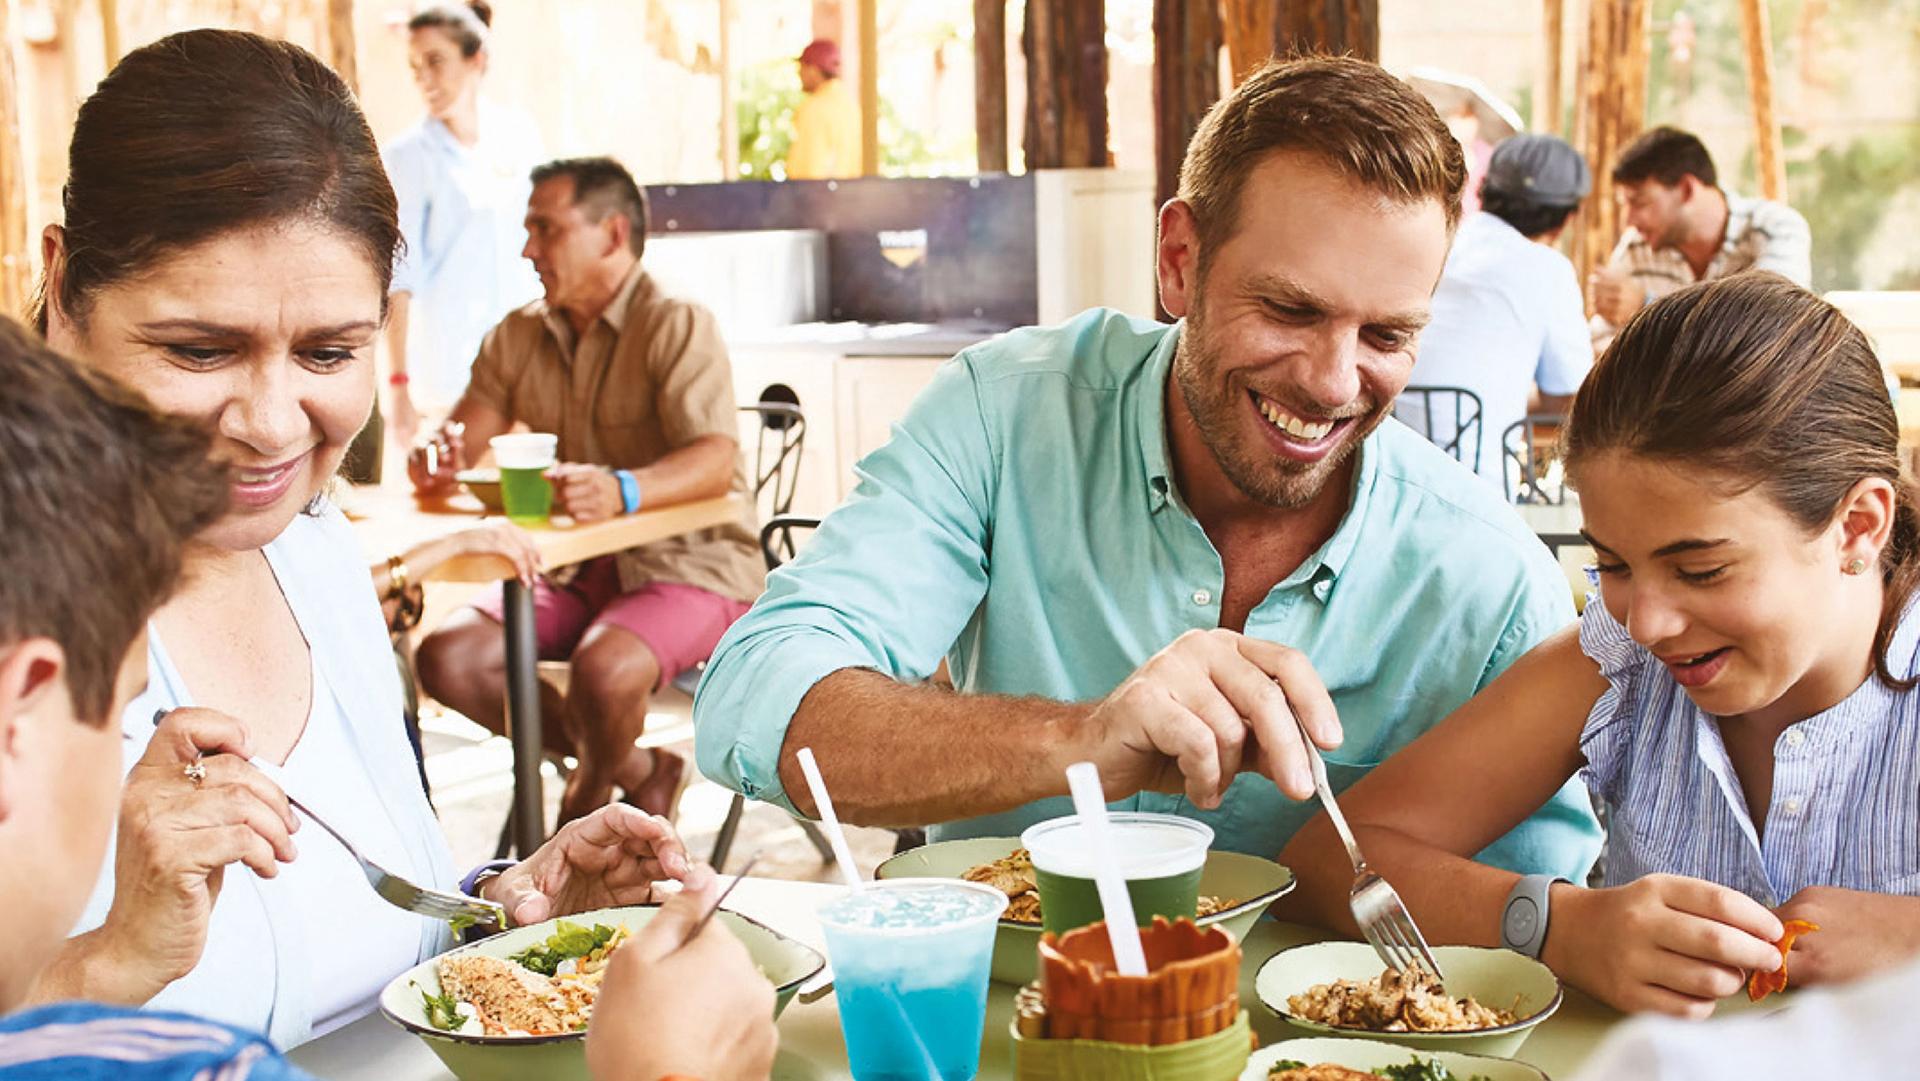 El Plan de Comidas Quick incluye por día y por personados comidas rápidas (desayuno, almuerzo, merienda o cena), dos snacks y un vaso Disney recargable (Disney).